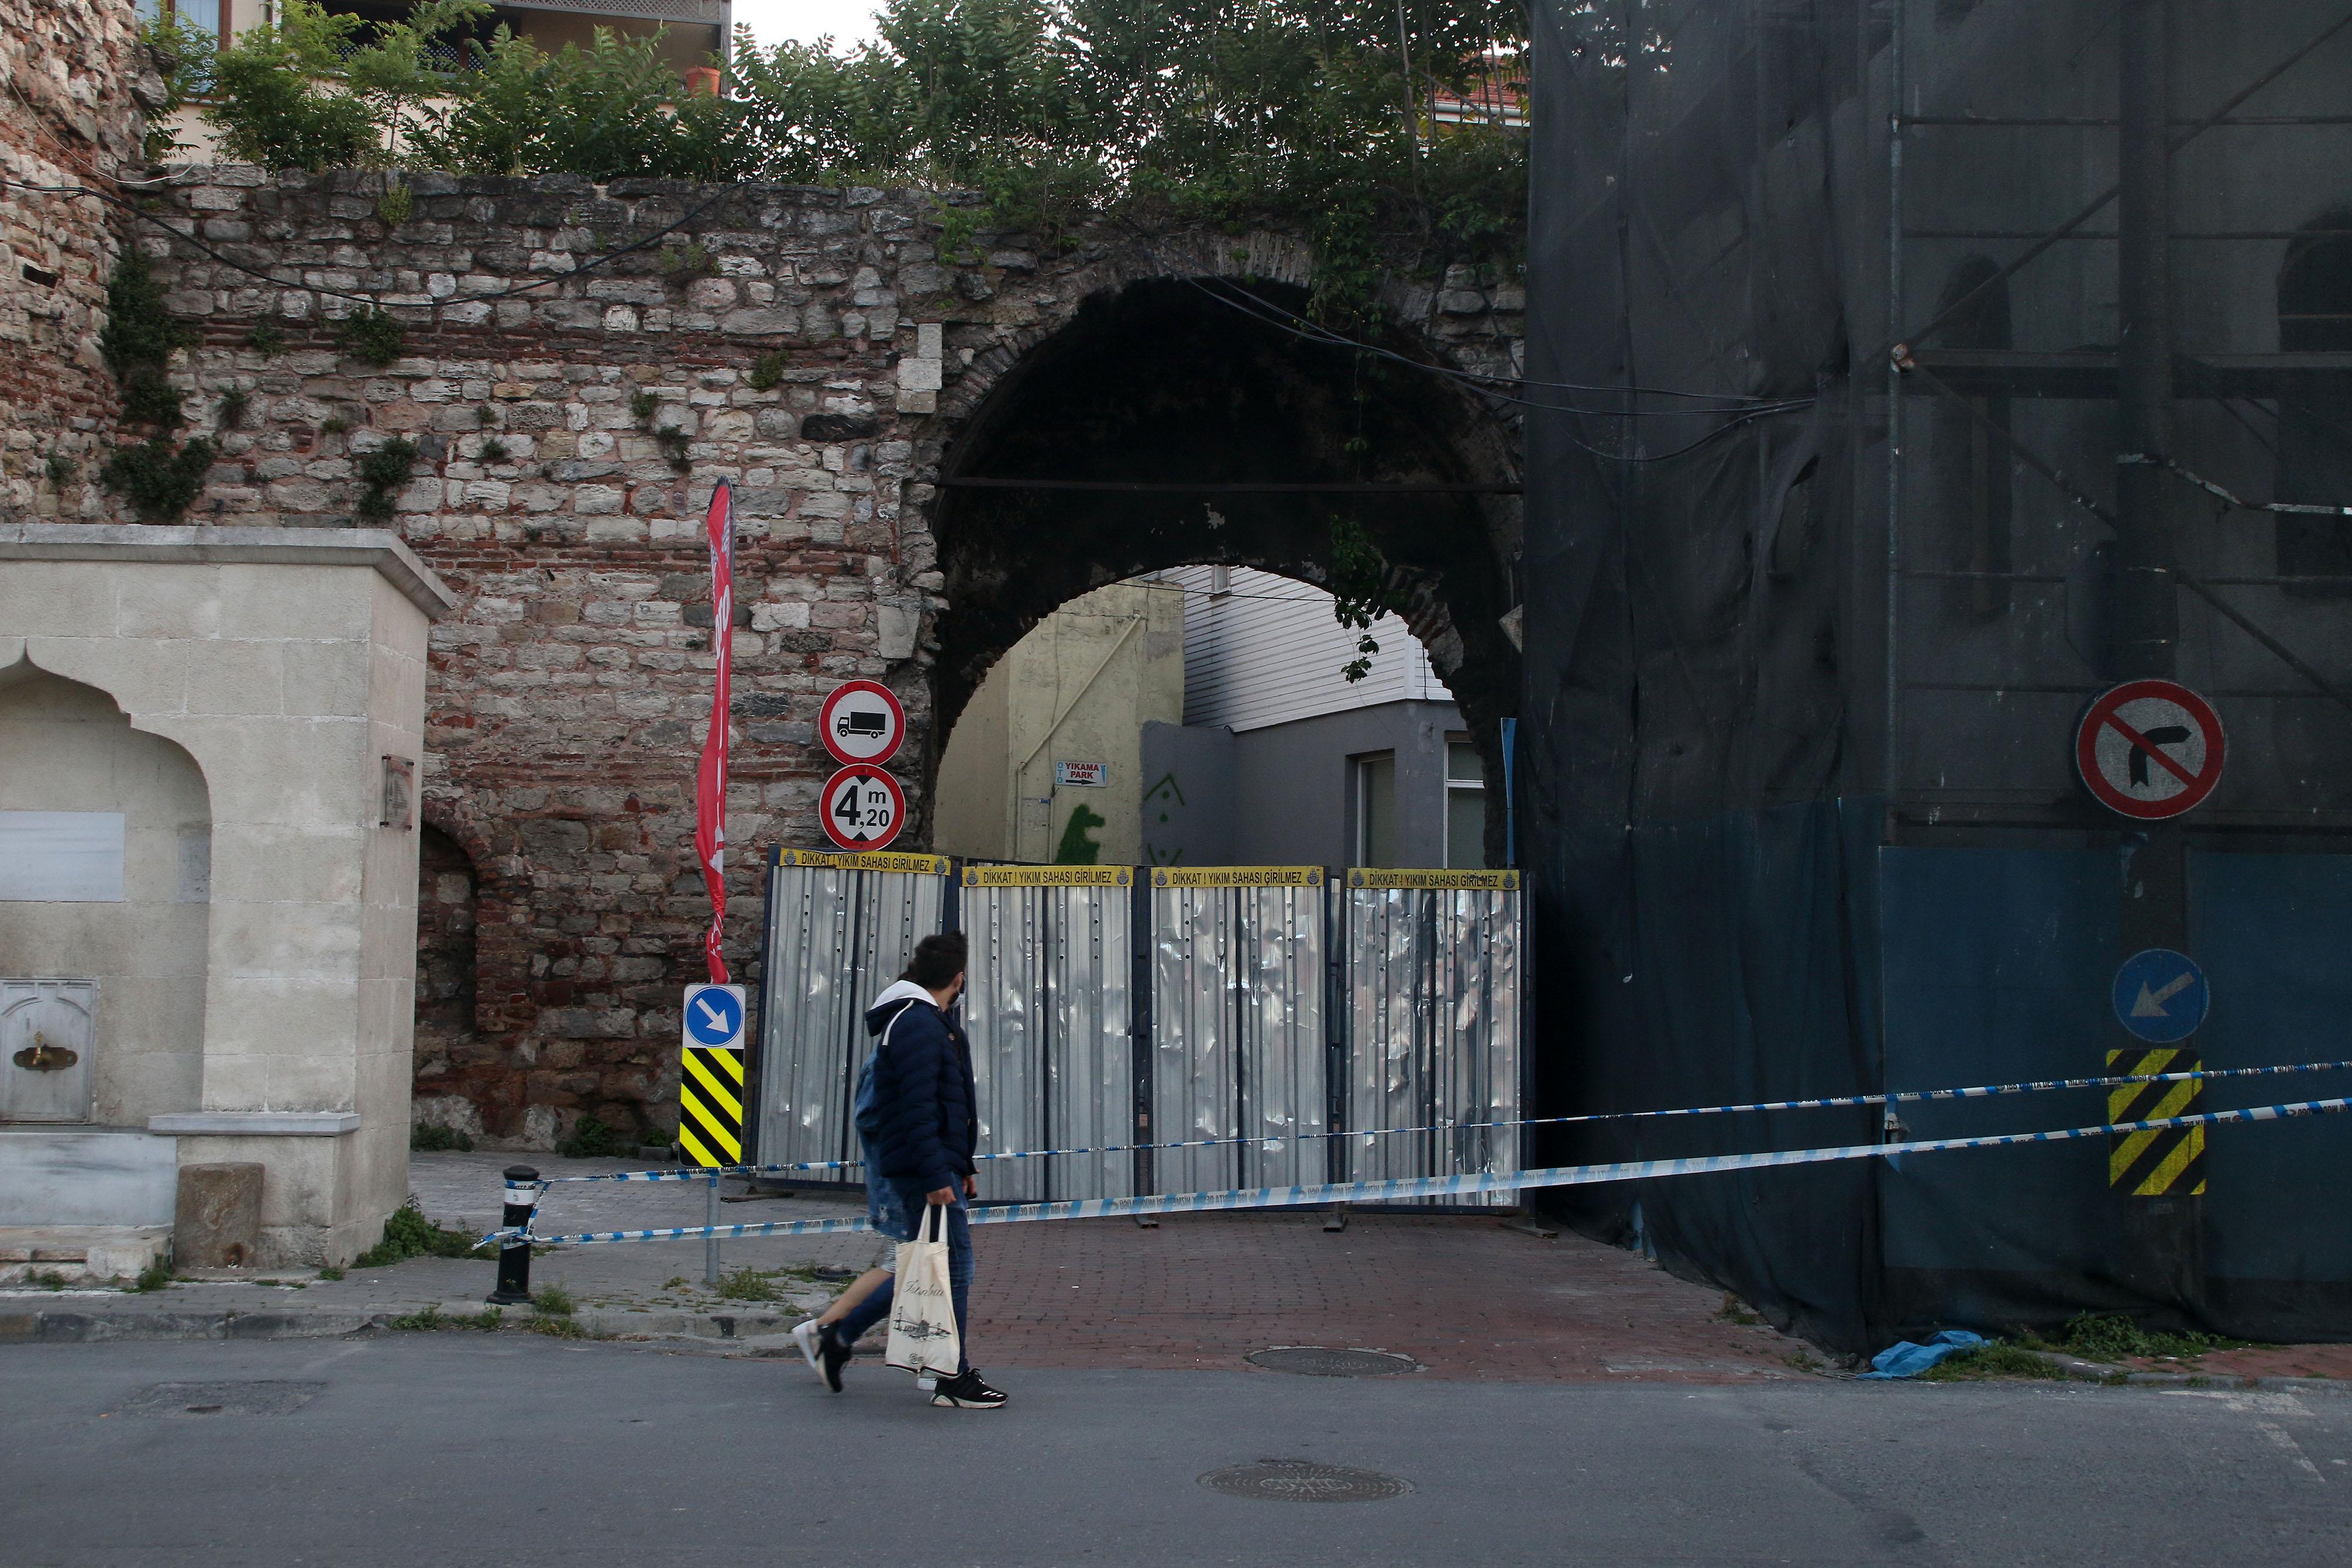 Haliç surlarının Cibali Kapısı araç ve yaya geçişine kapatıldı